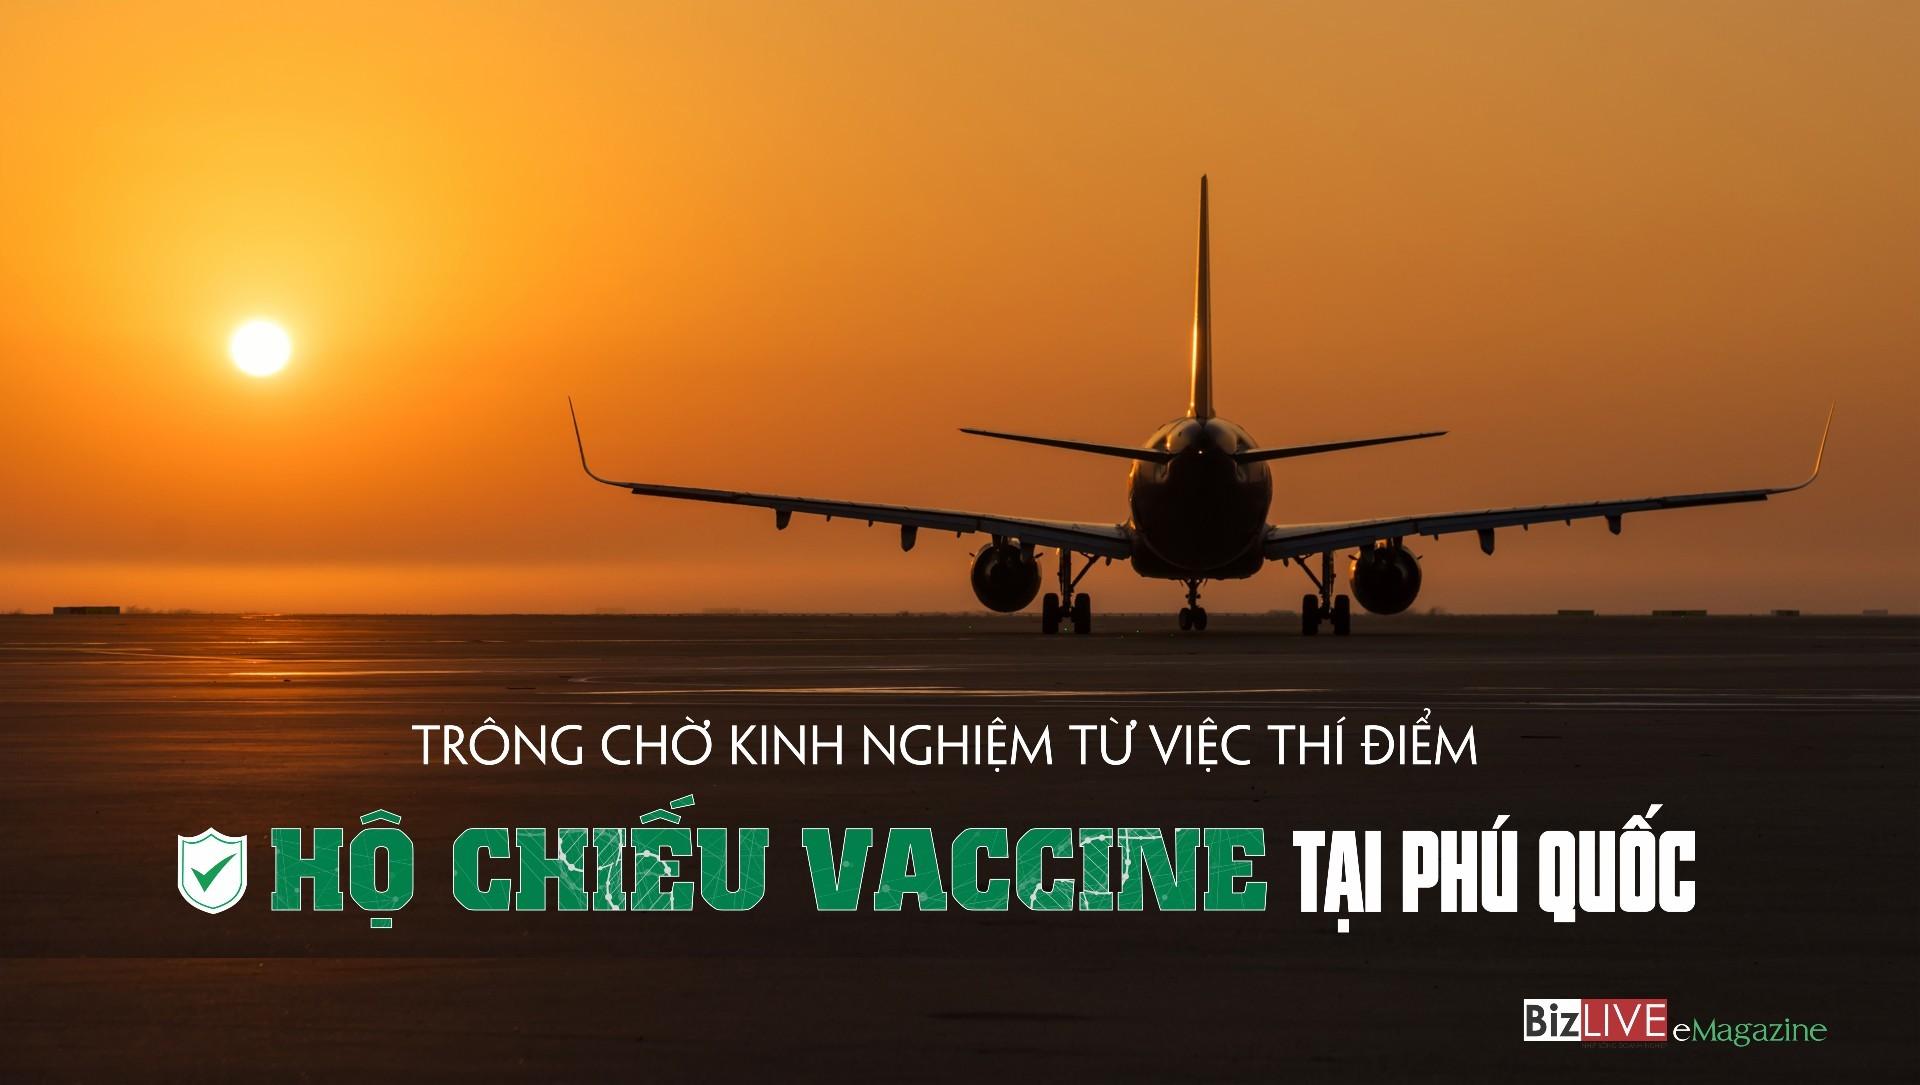 Trông chờ kinh nghiệm từ việc thí điểm hộ chiếu vaccine tại Phú Quốc